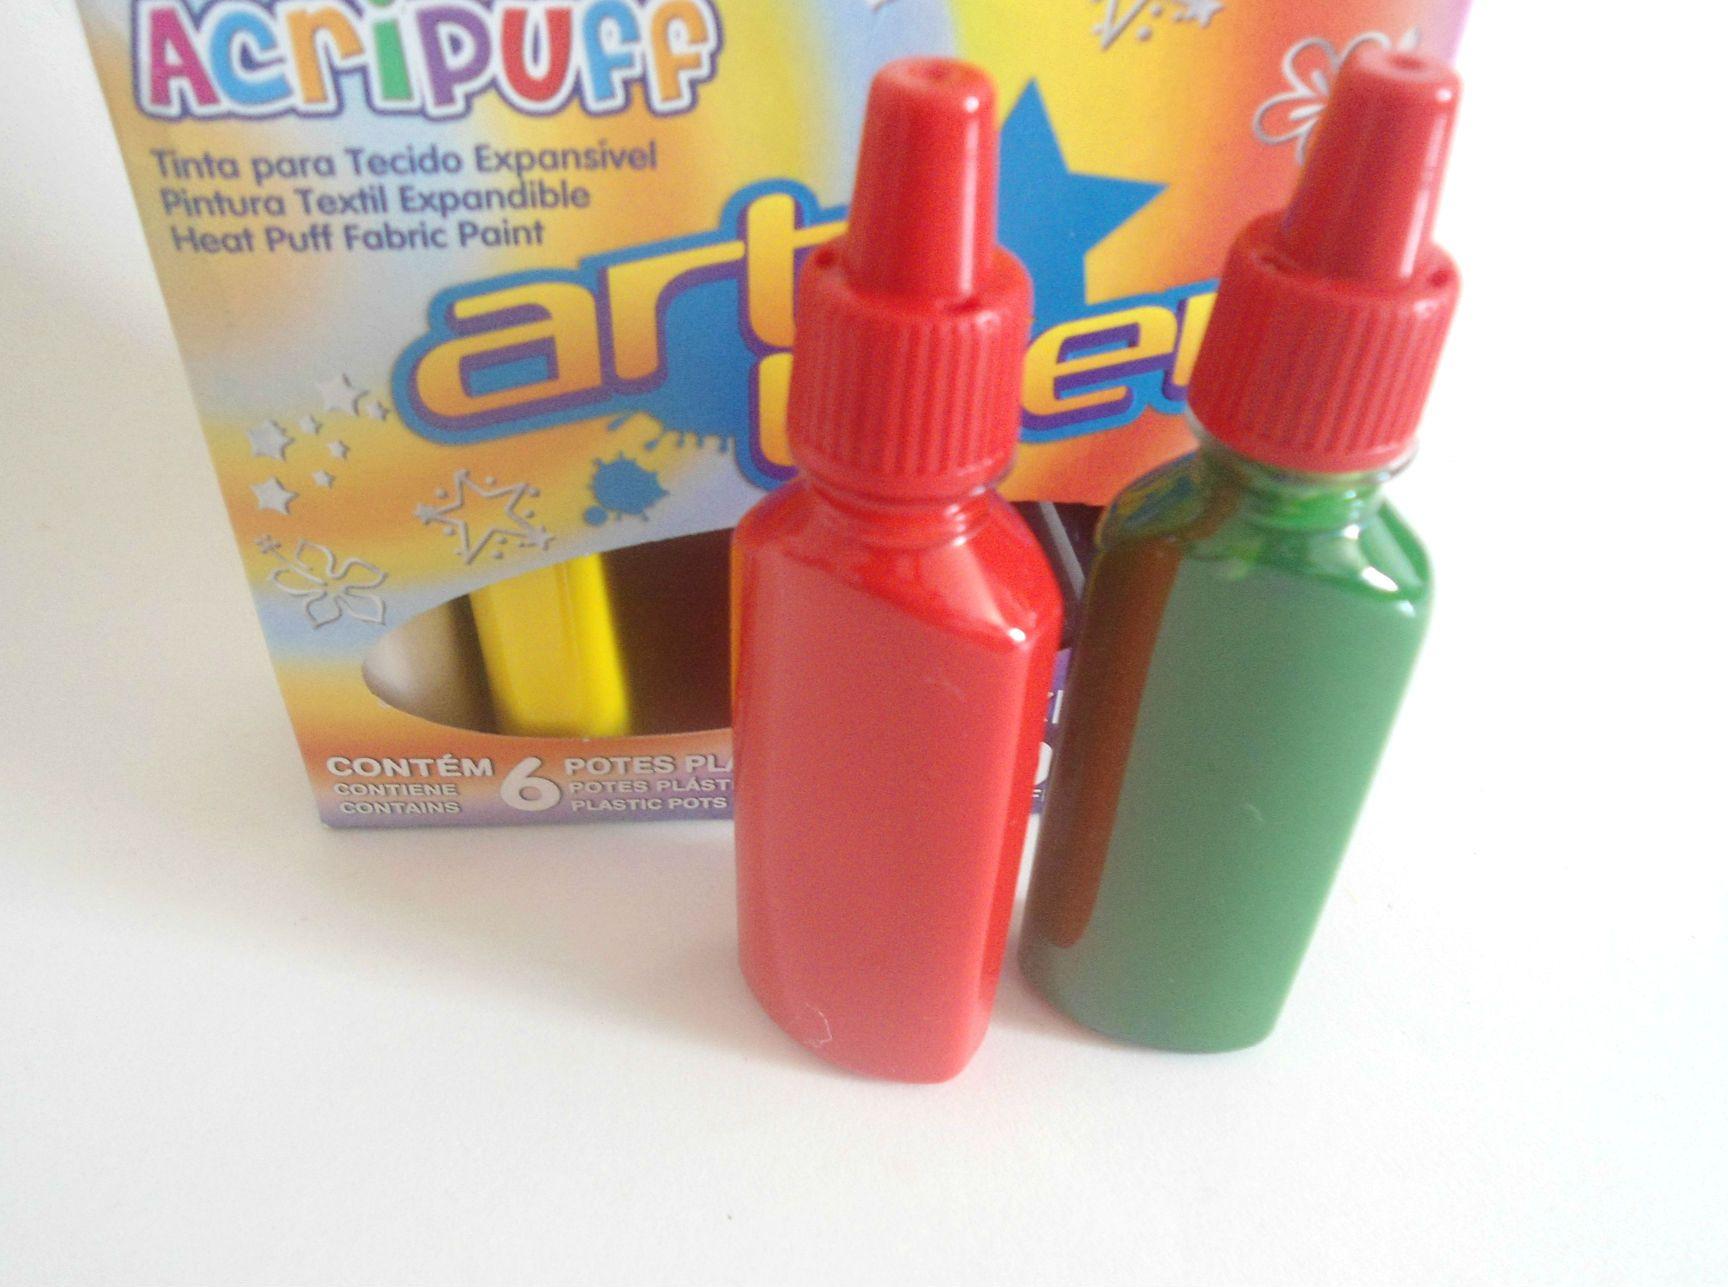 Depois de tanto tempo hoje tem customização no Blog. Usei tinta acripuff da Acrilex passa lá pra conferir. http://jeanecarneiro.com.br/customizando-com-acripuff-acri…/ #acripuff #acrilex #custumozar #custimozacao #arte #customizando